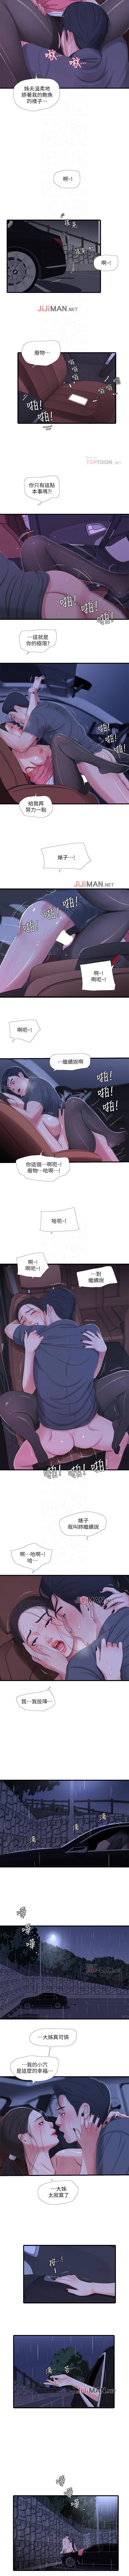 【周四连载】亲家四姐妹(作者:愛摸) 第1~37话 140